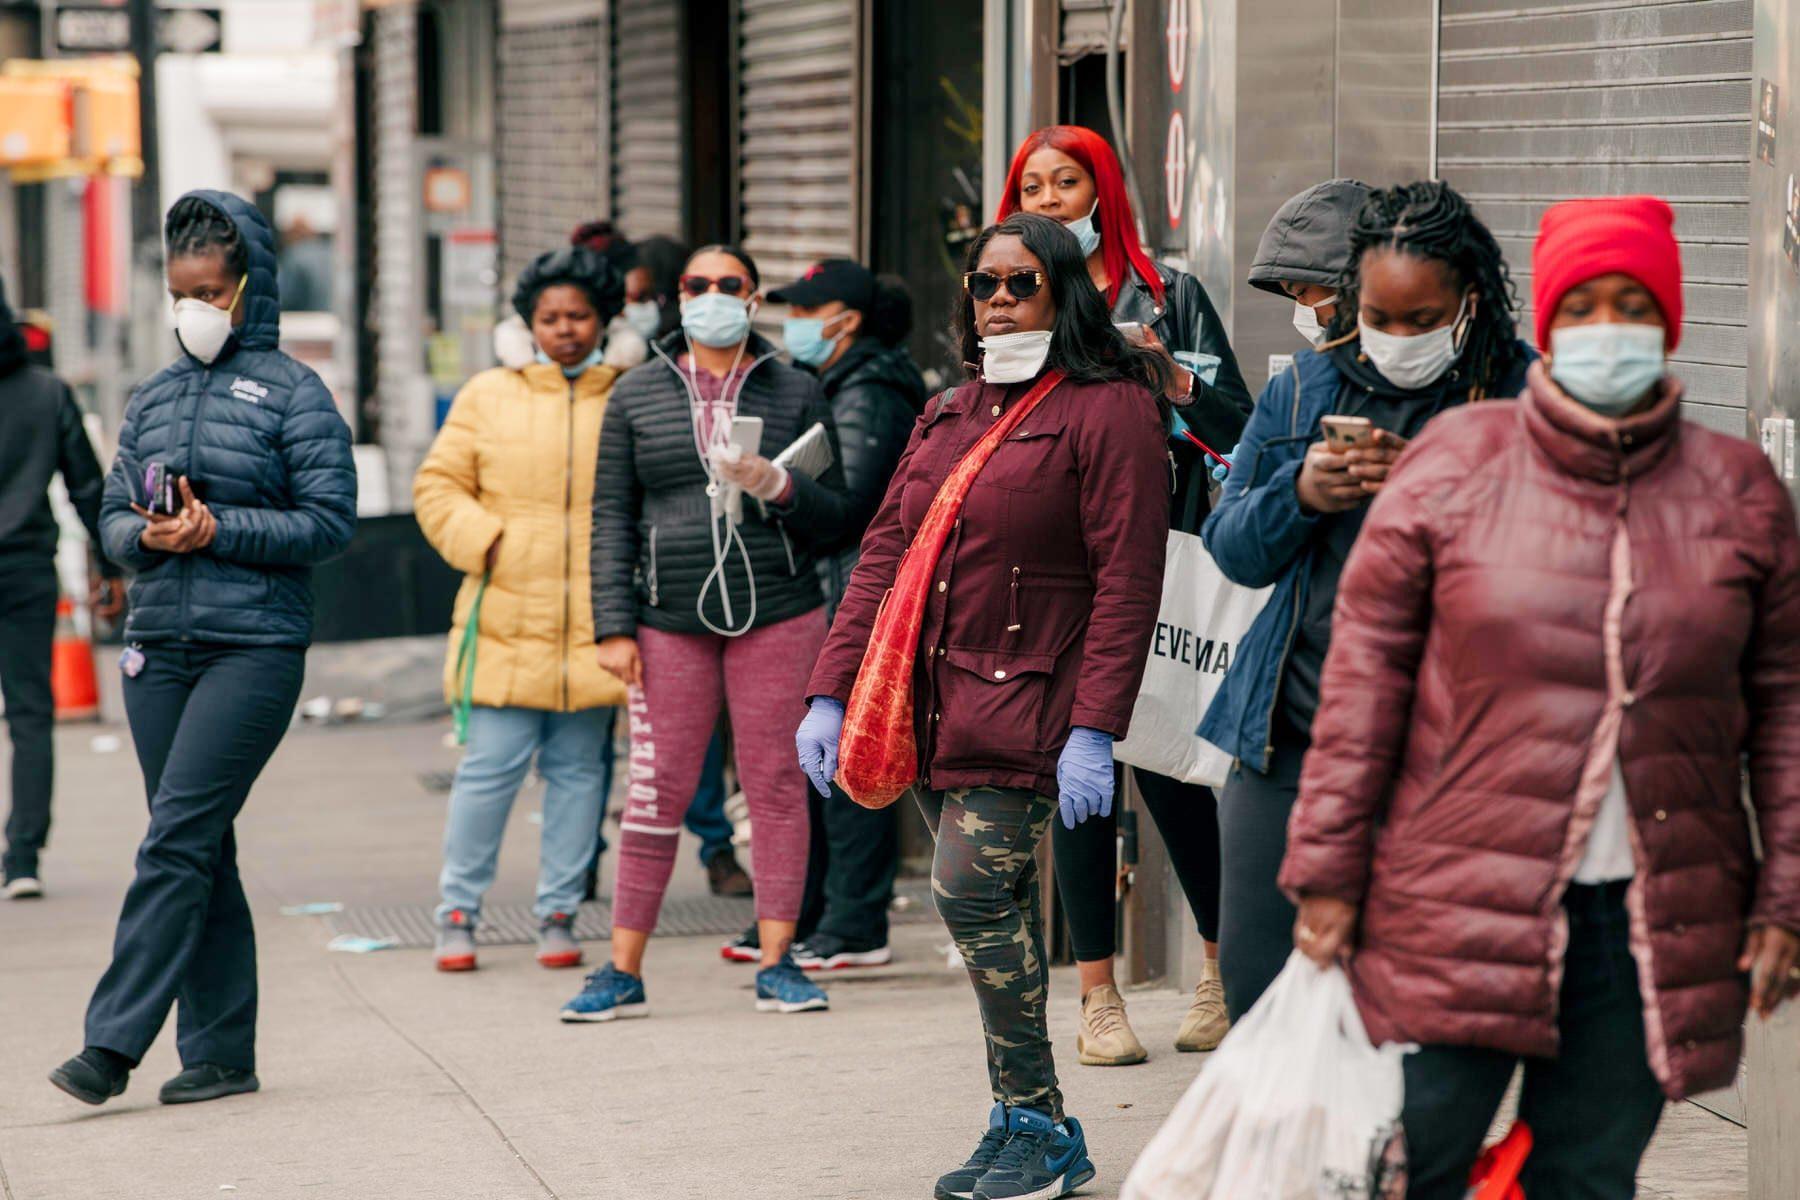 Pedestrians wear face masks on Fulton Street.